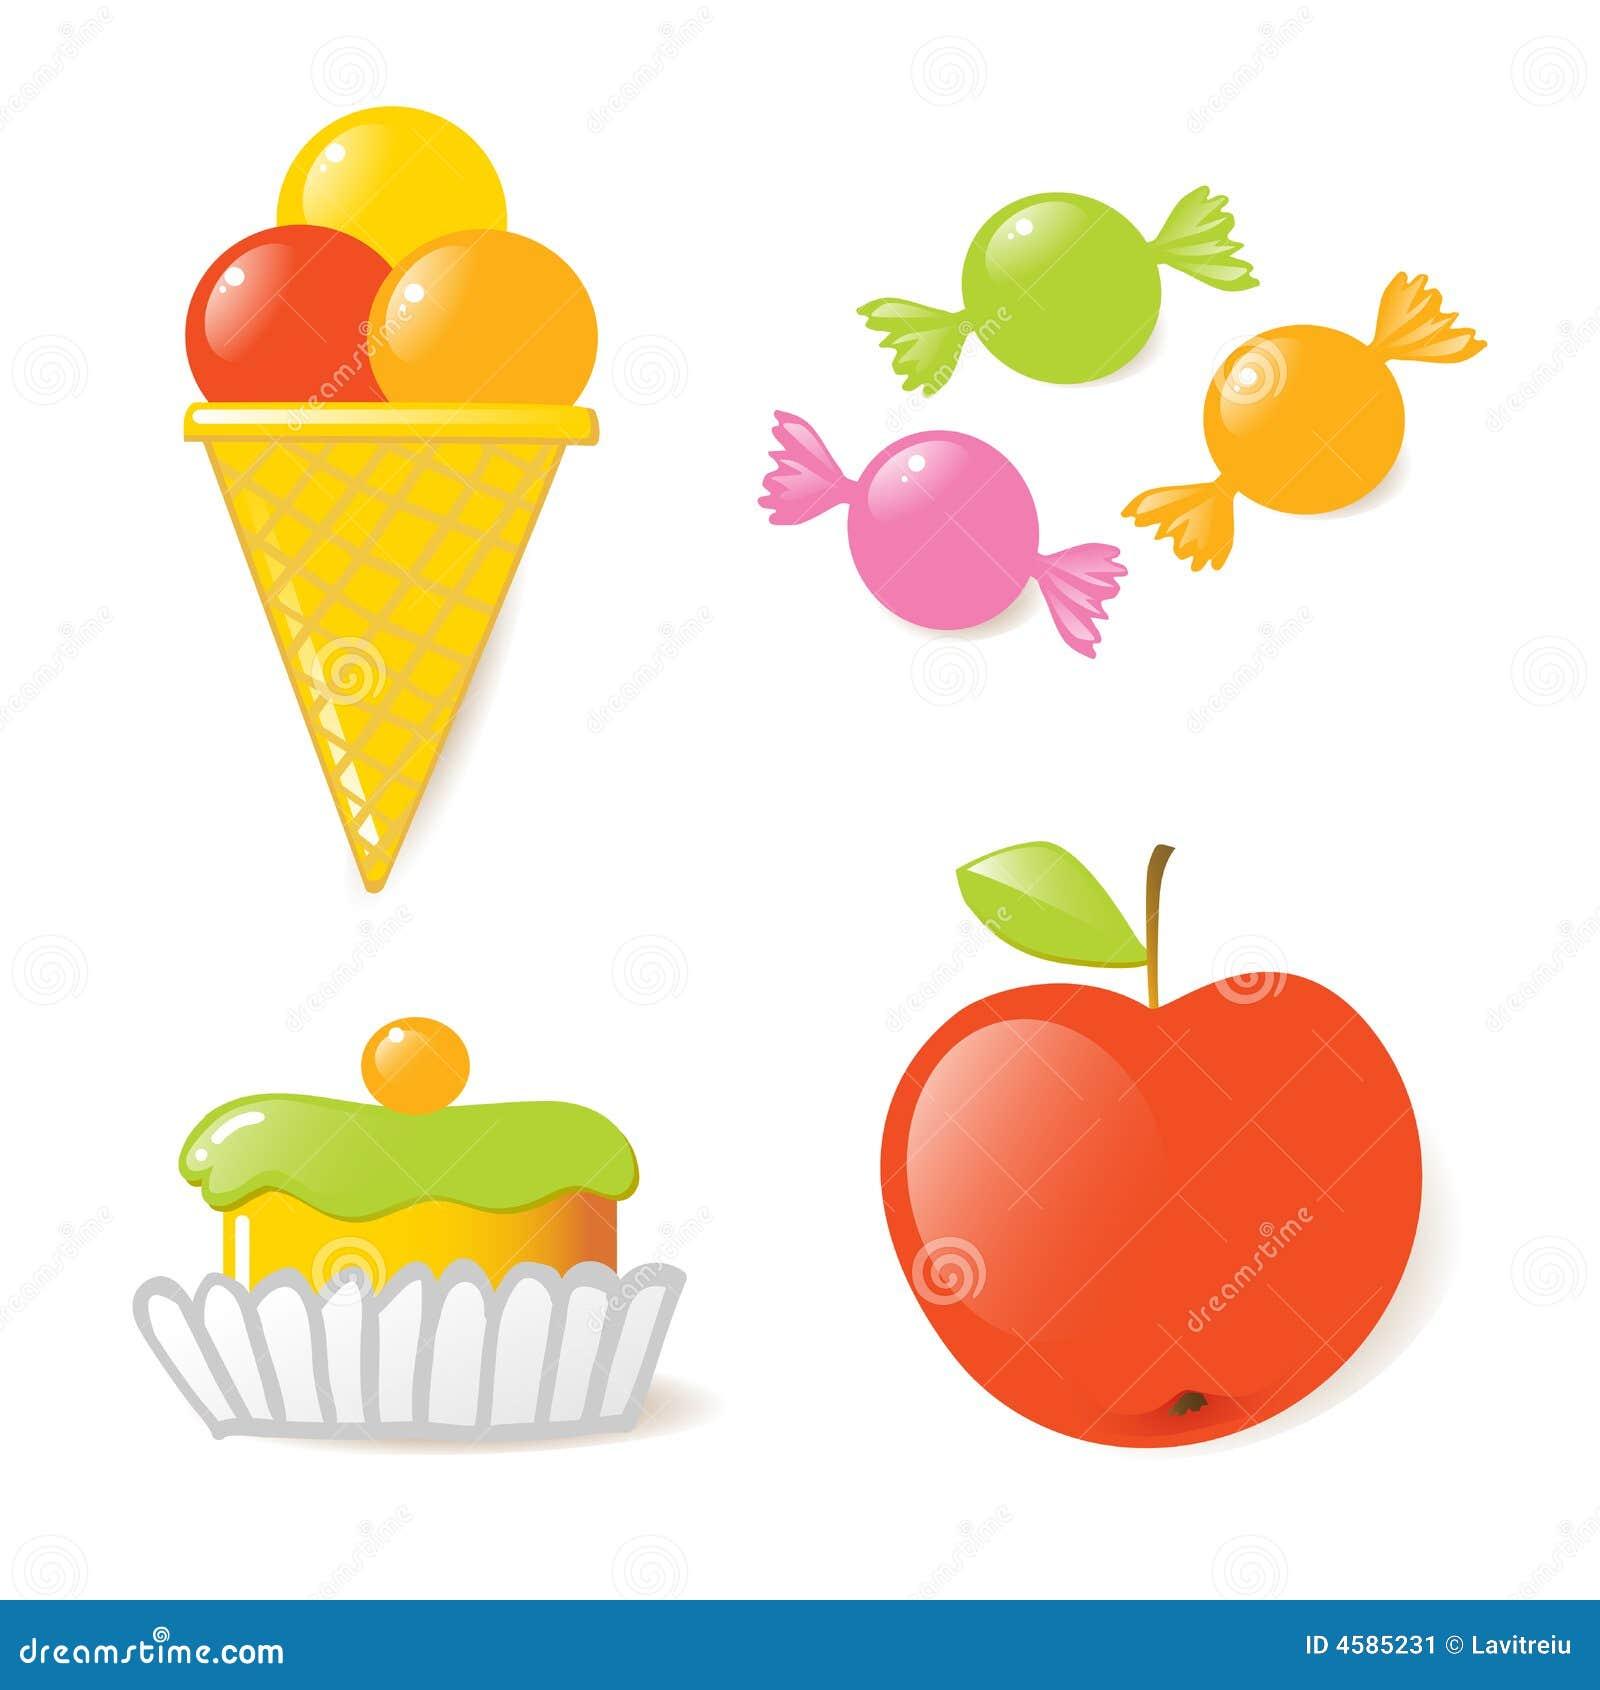 Kids love it- sweets